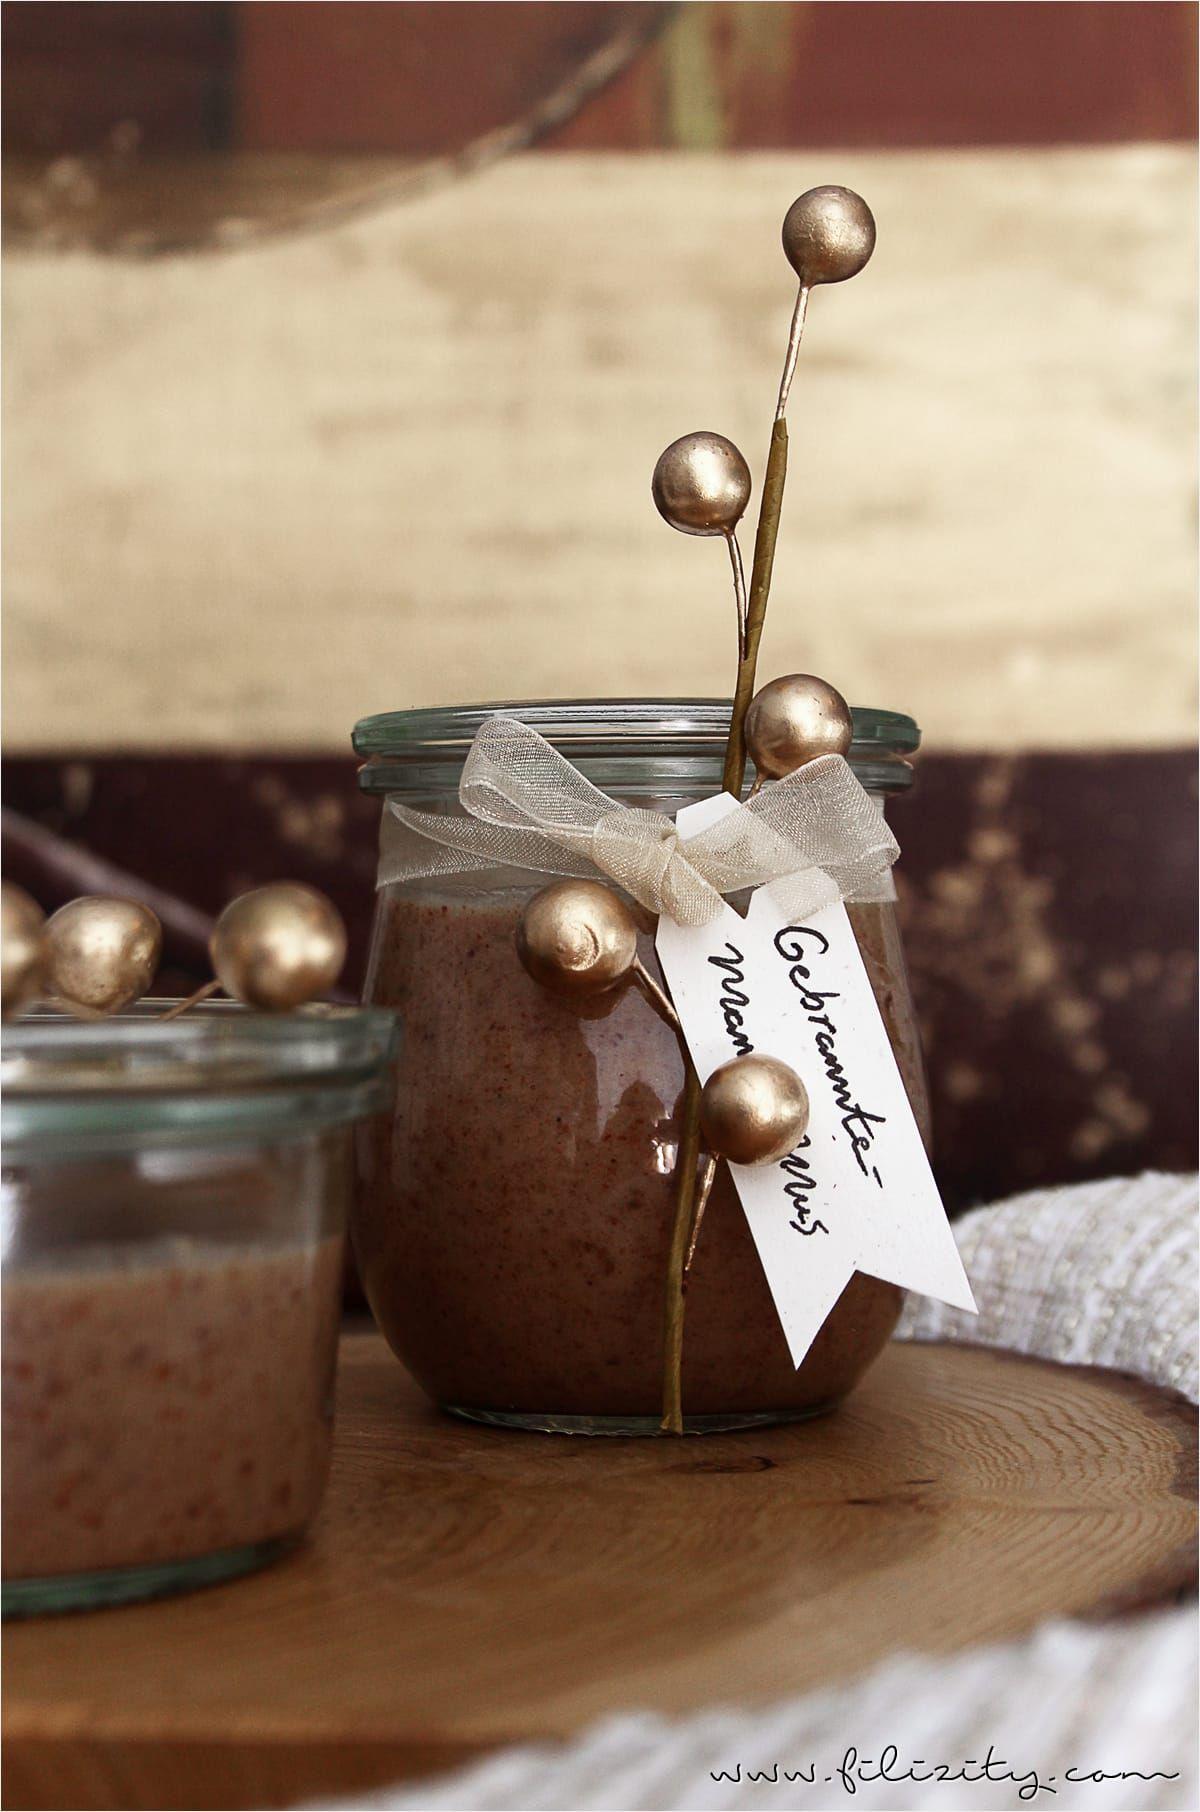 Gebrannte-Mandel-Mus - Weihnachten im Glas   Gebrannte mandeln, Süße ...